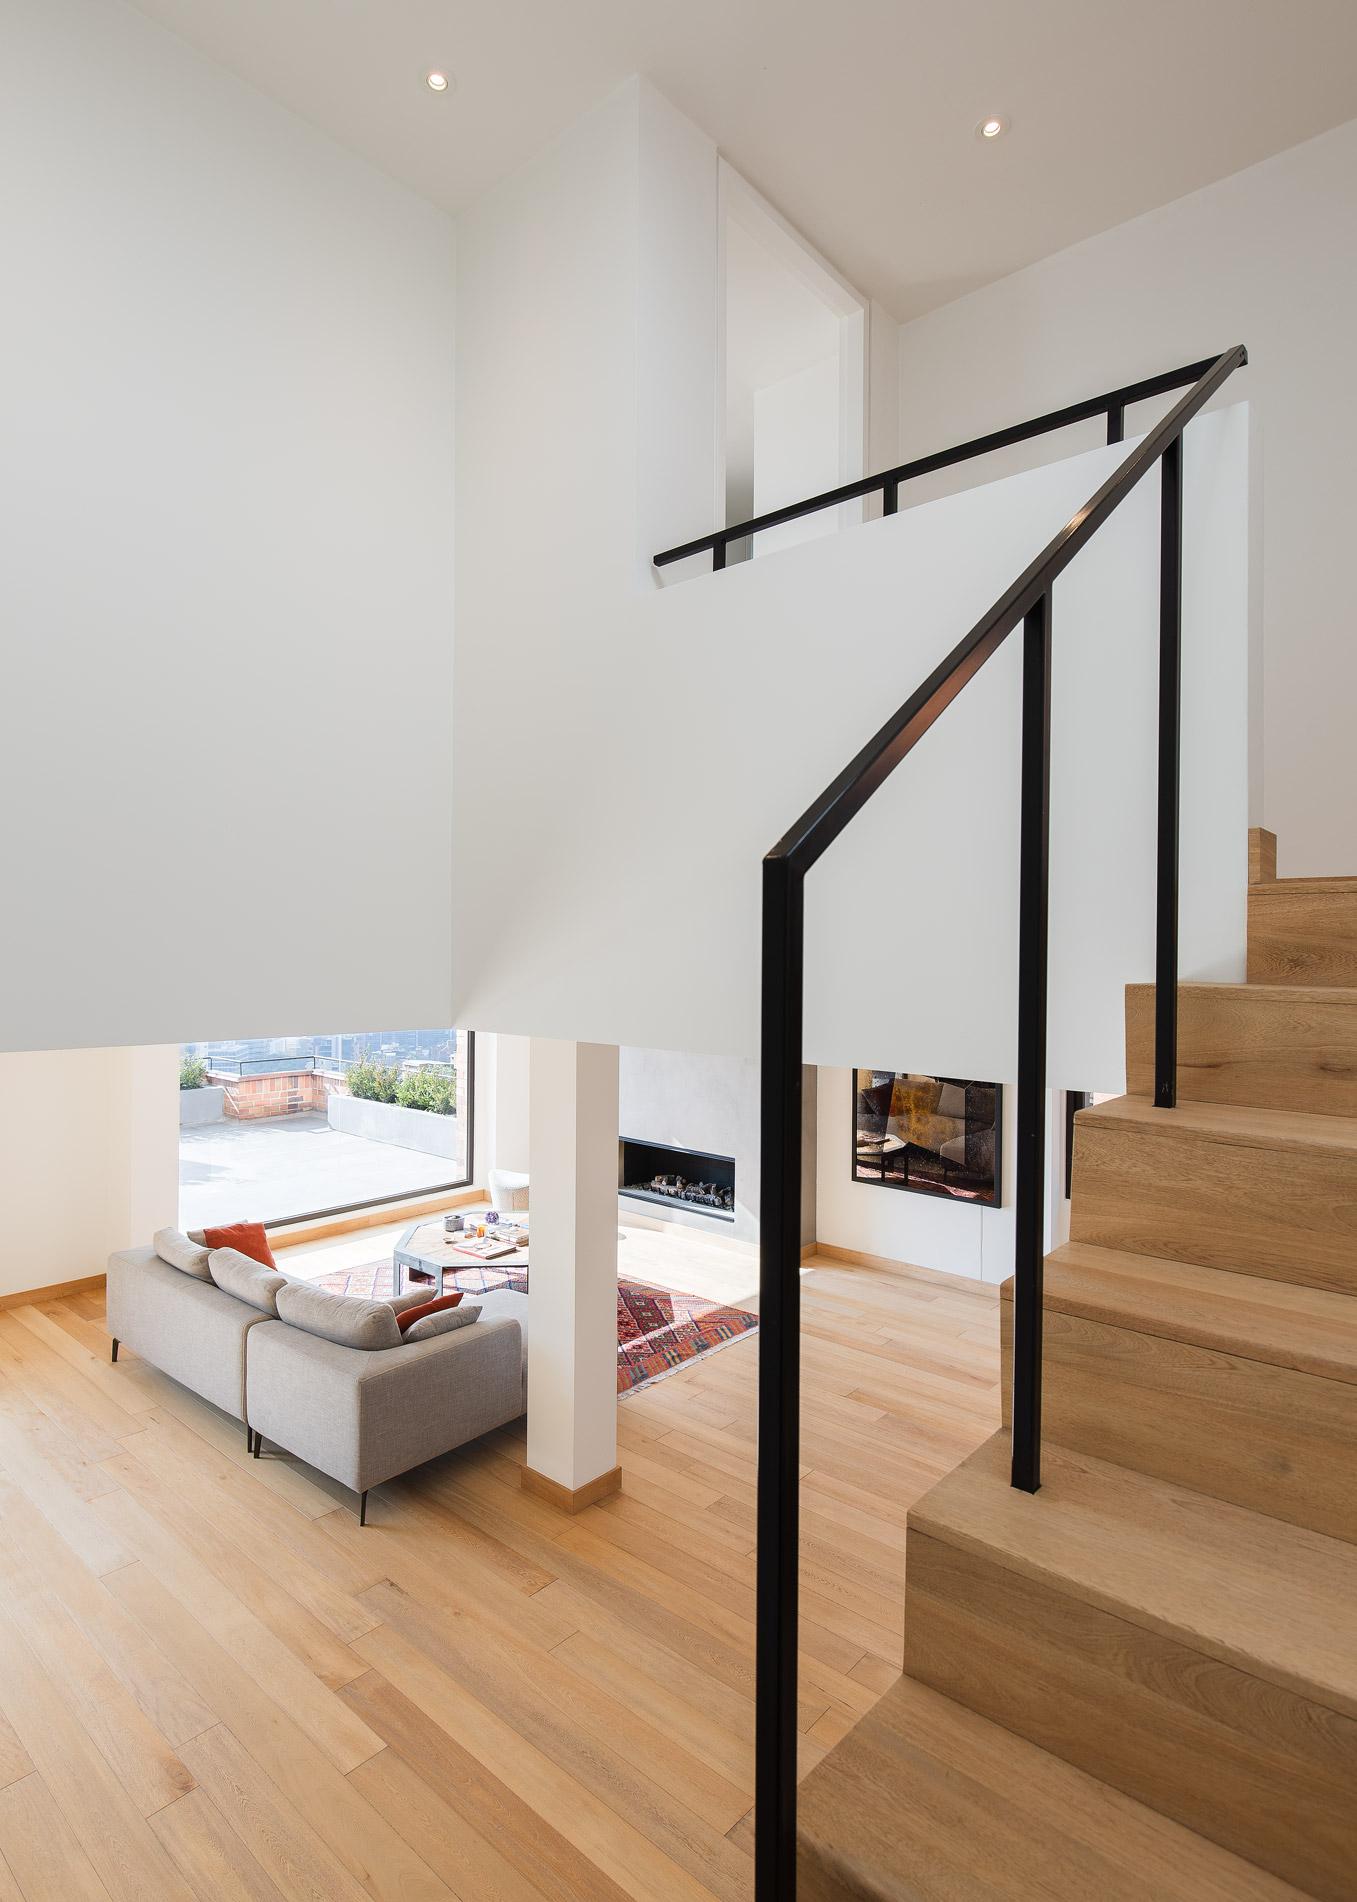 06.studiomanrique.simonbosch.photography.bogota.interior.duquearquitectura